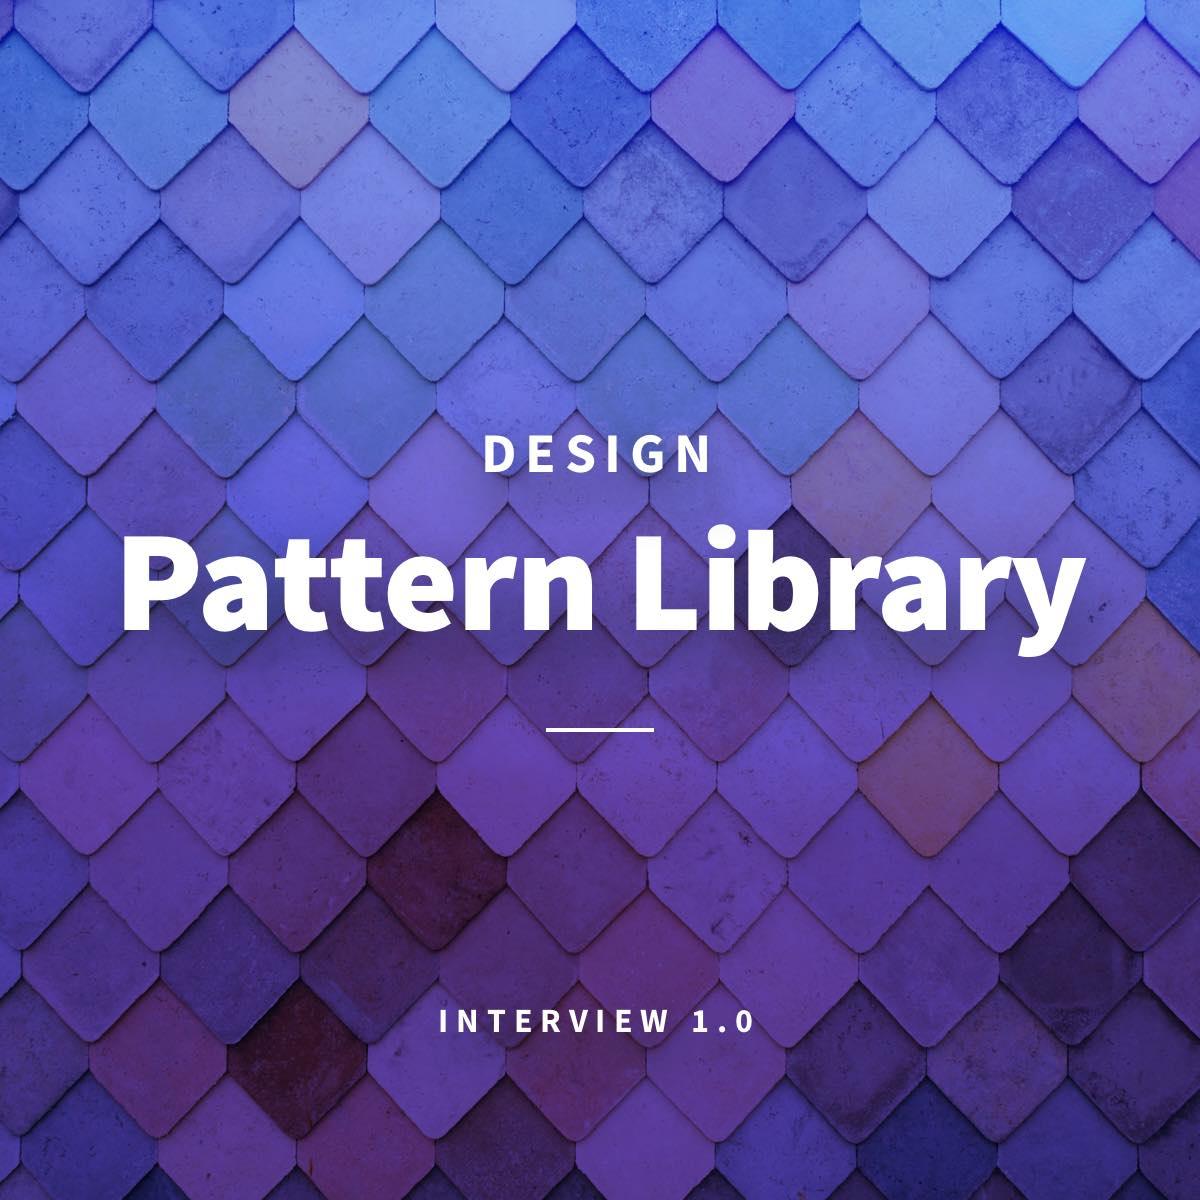 Mit einer Design Pattern Library arbeiten